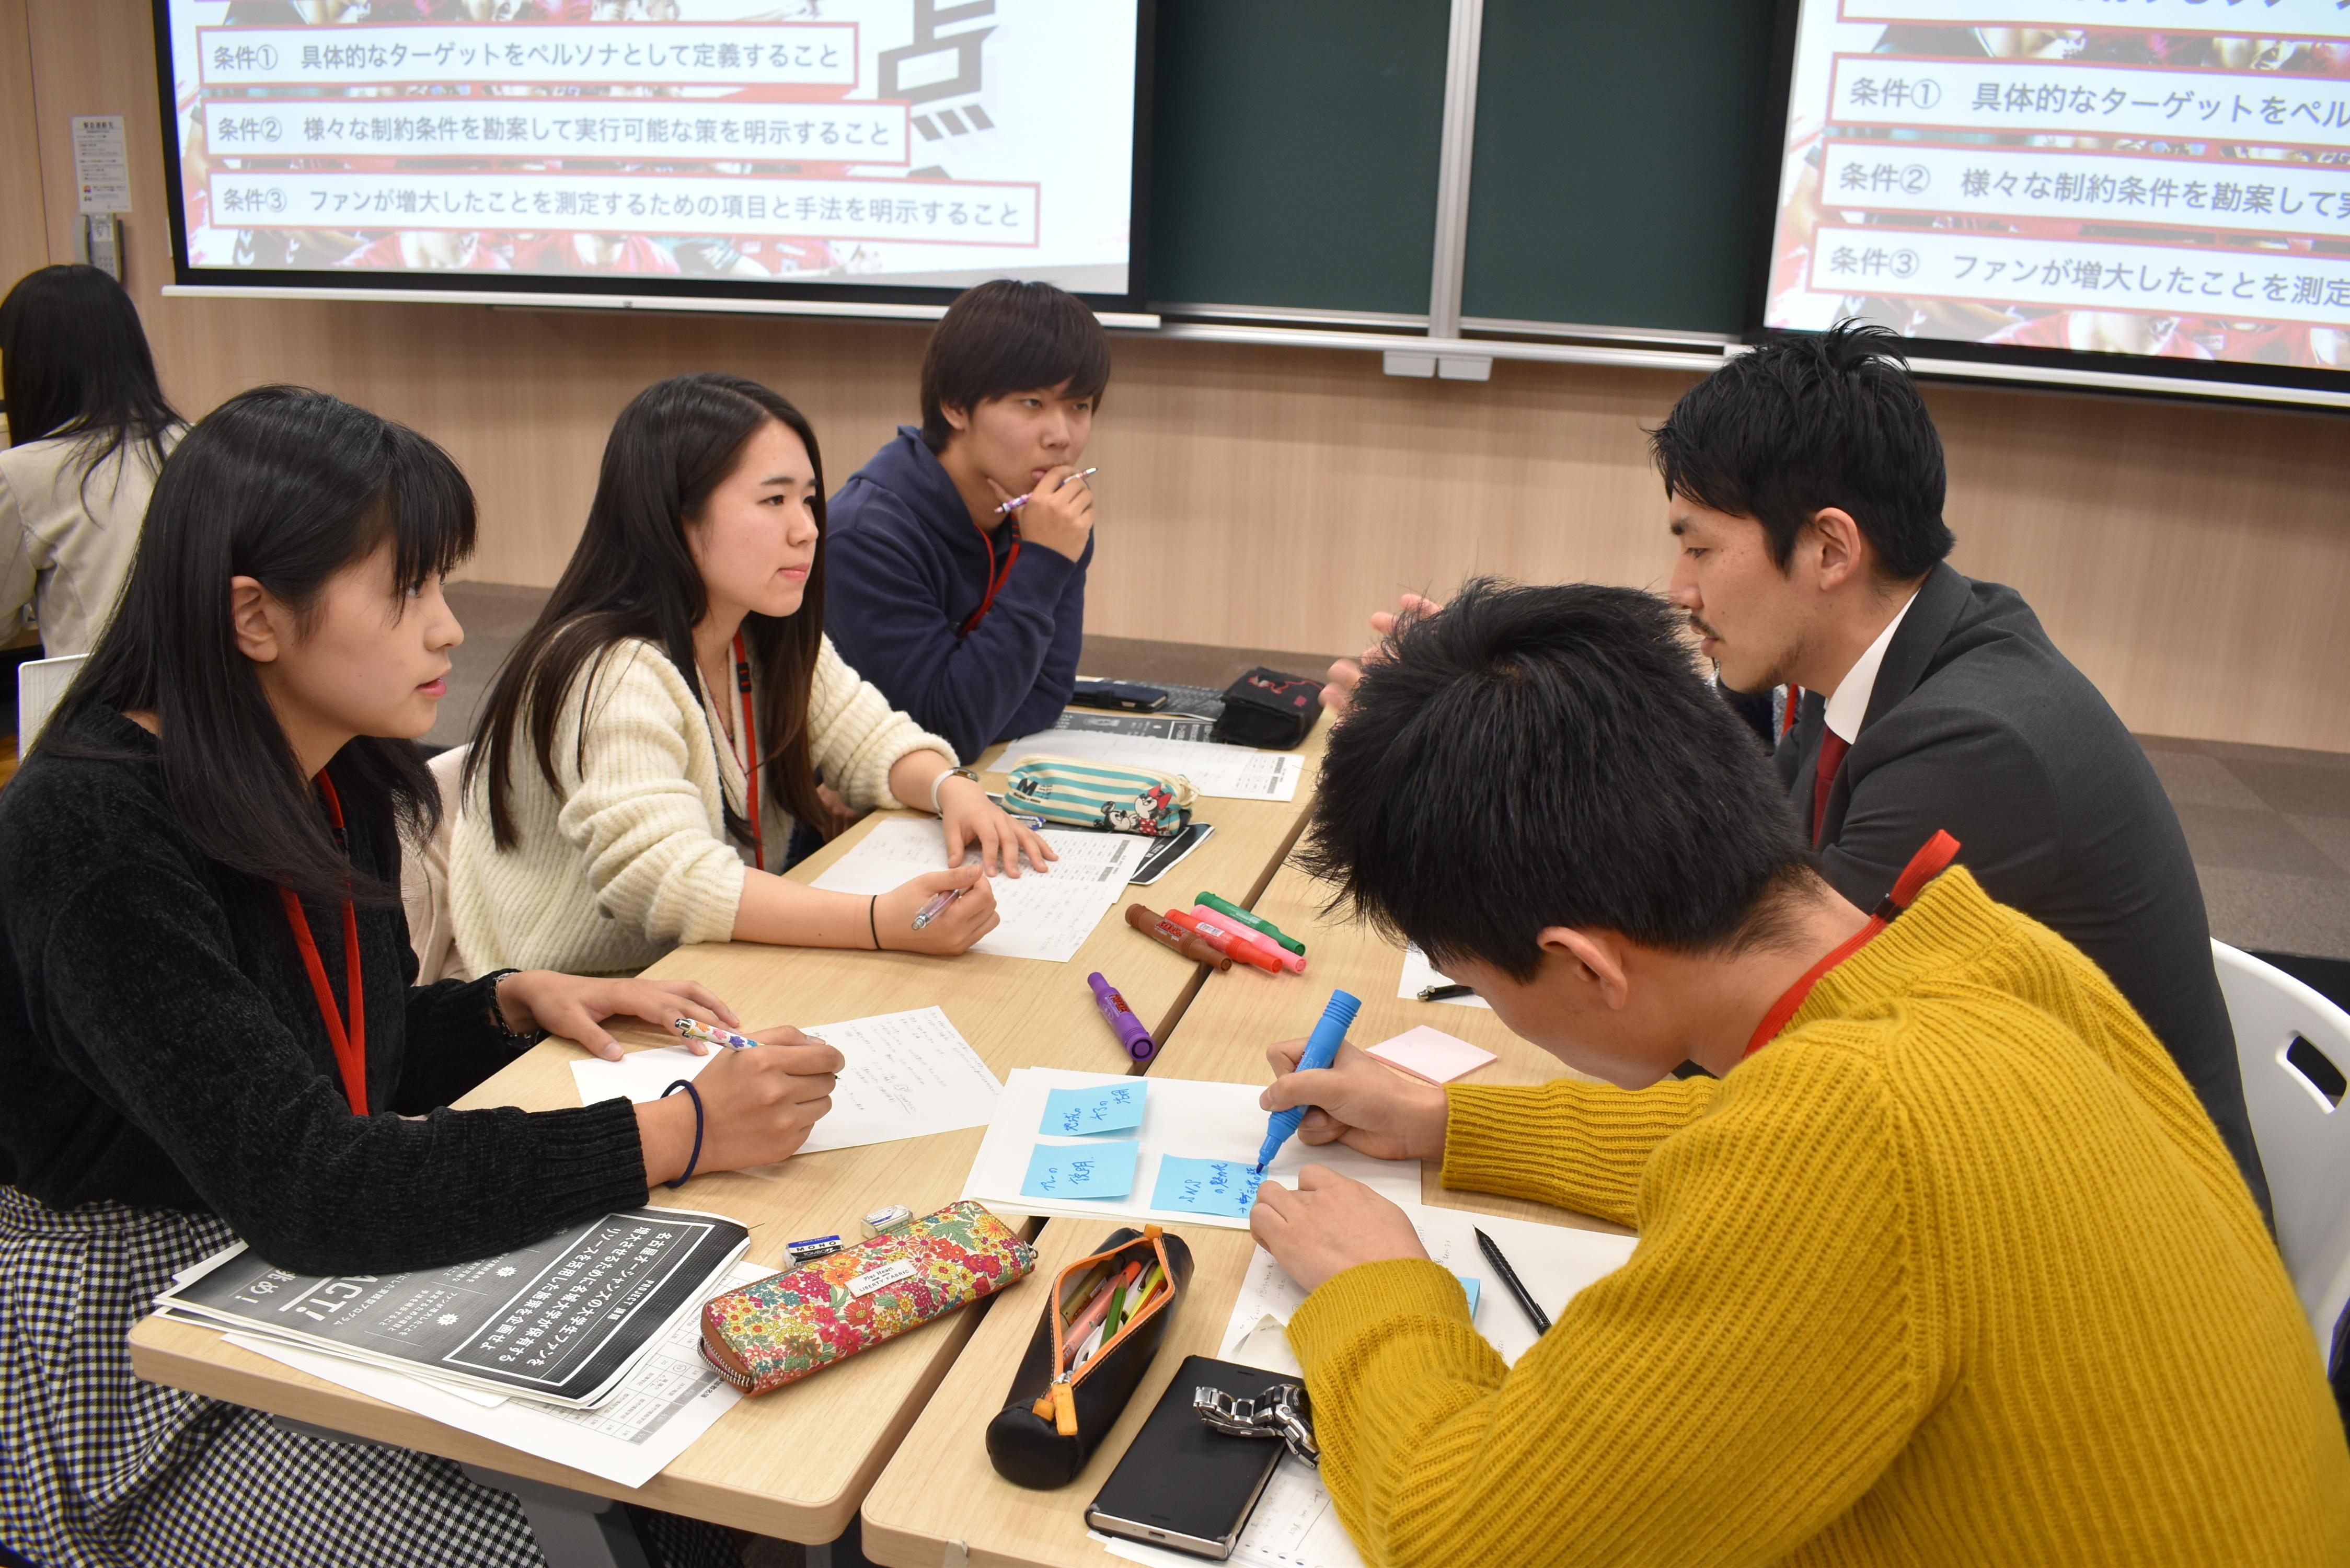 アイデアを提案し合う学生ら